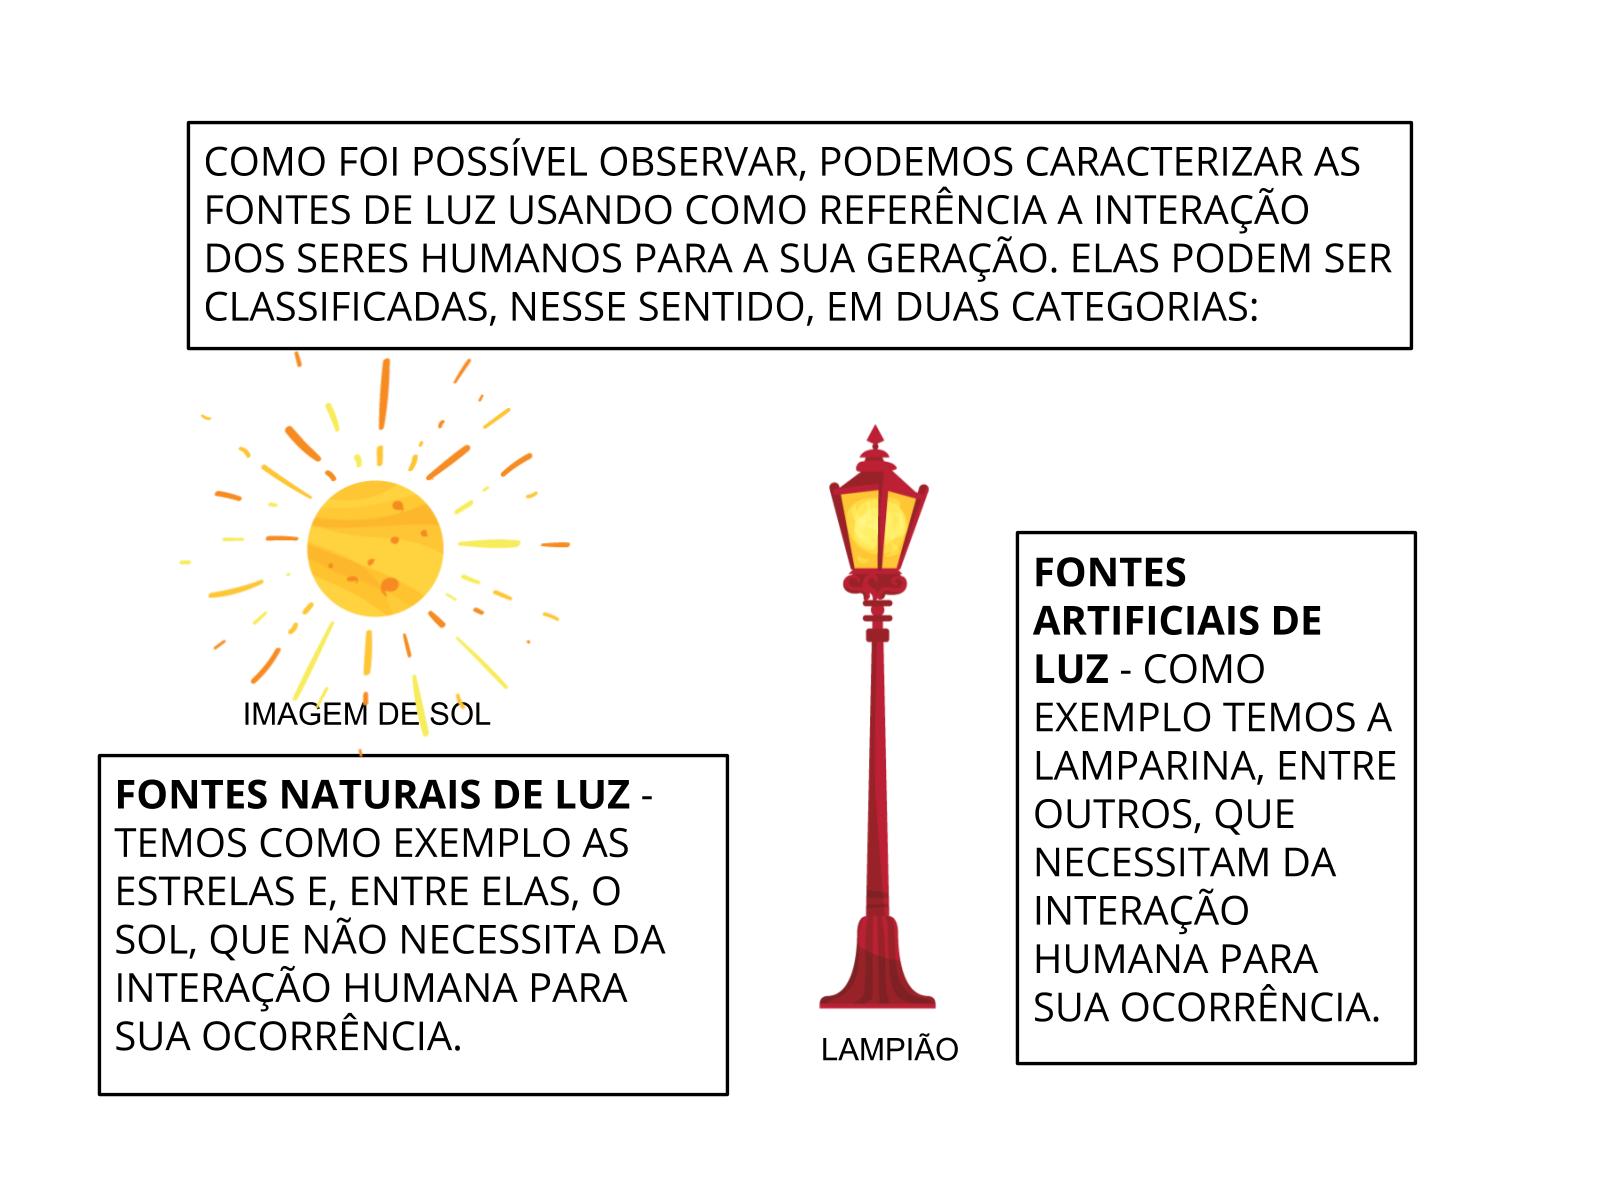 Fontes Naturais e Artificiais de Luz